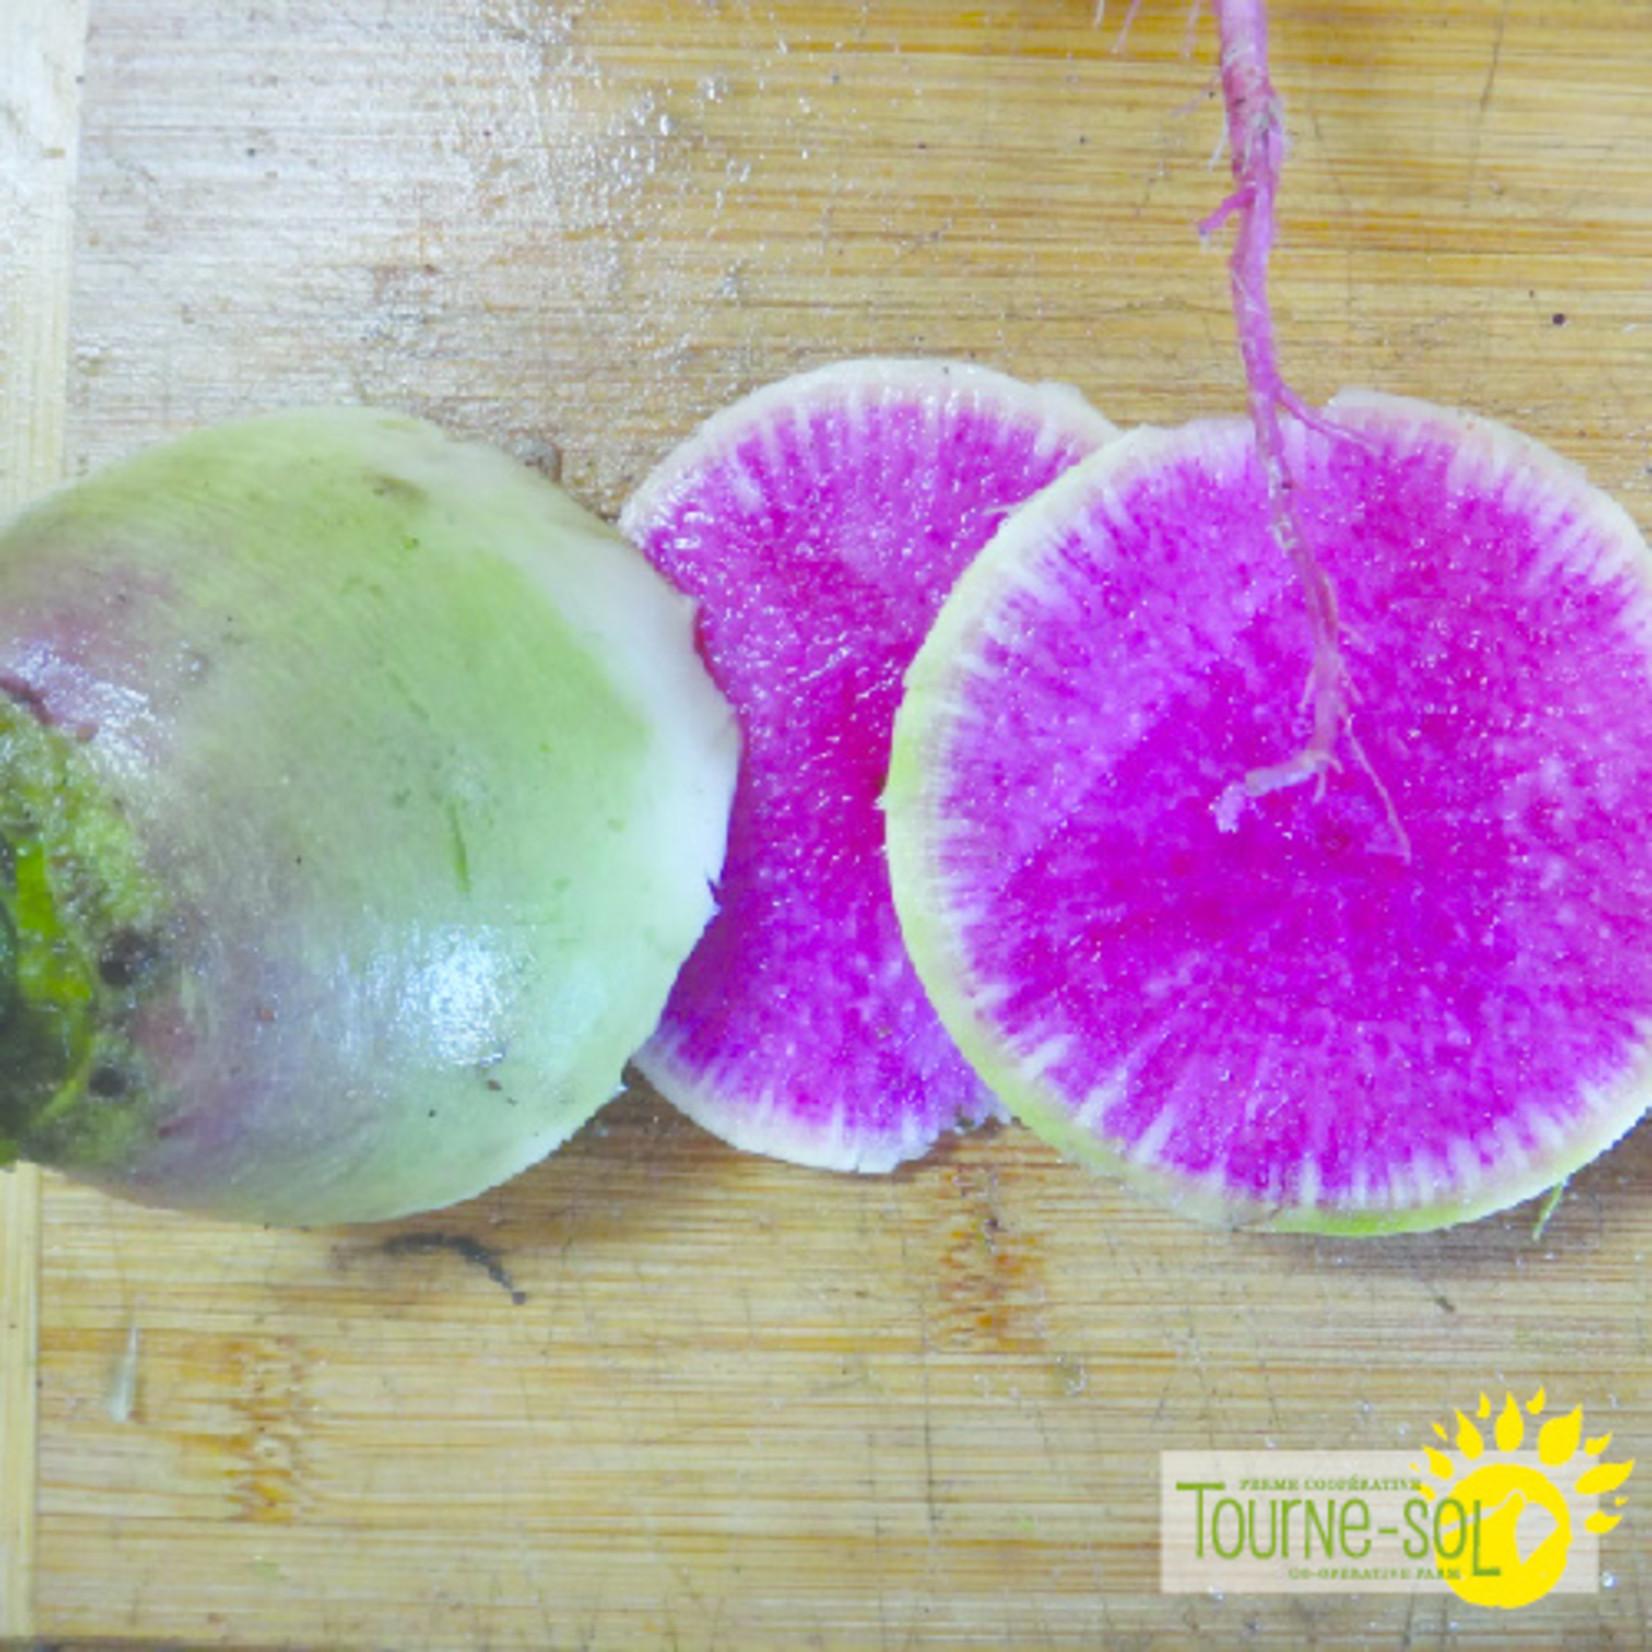 Tourne-Sol Radis Melon d'Eau